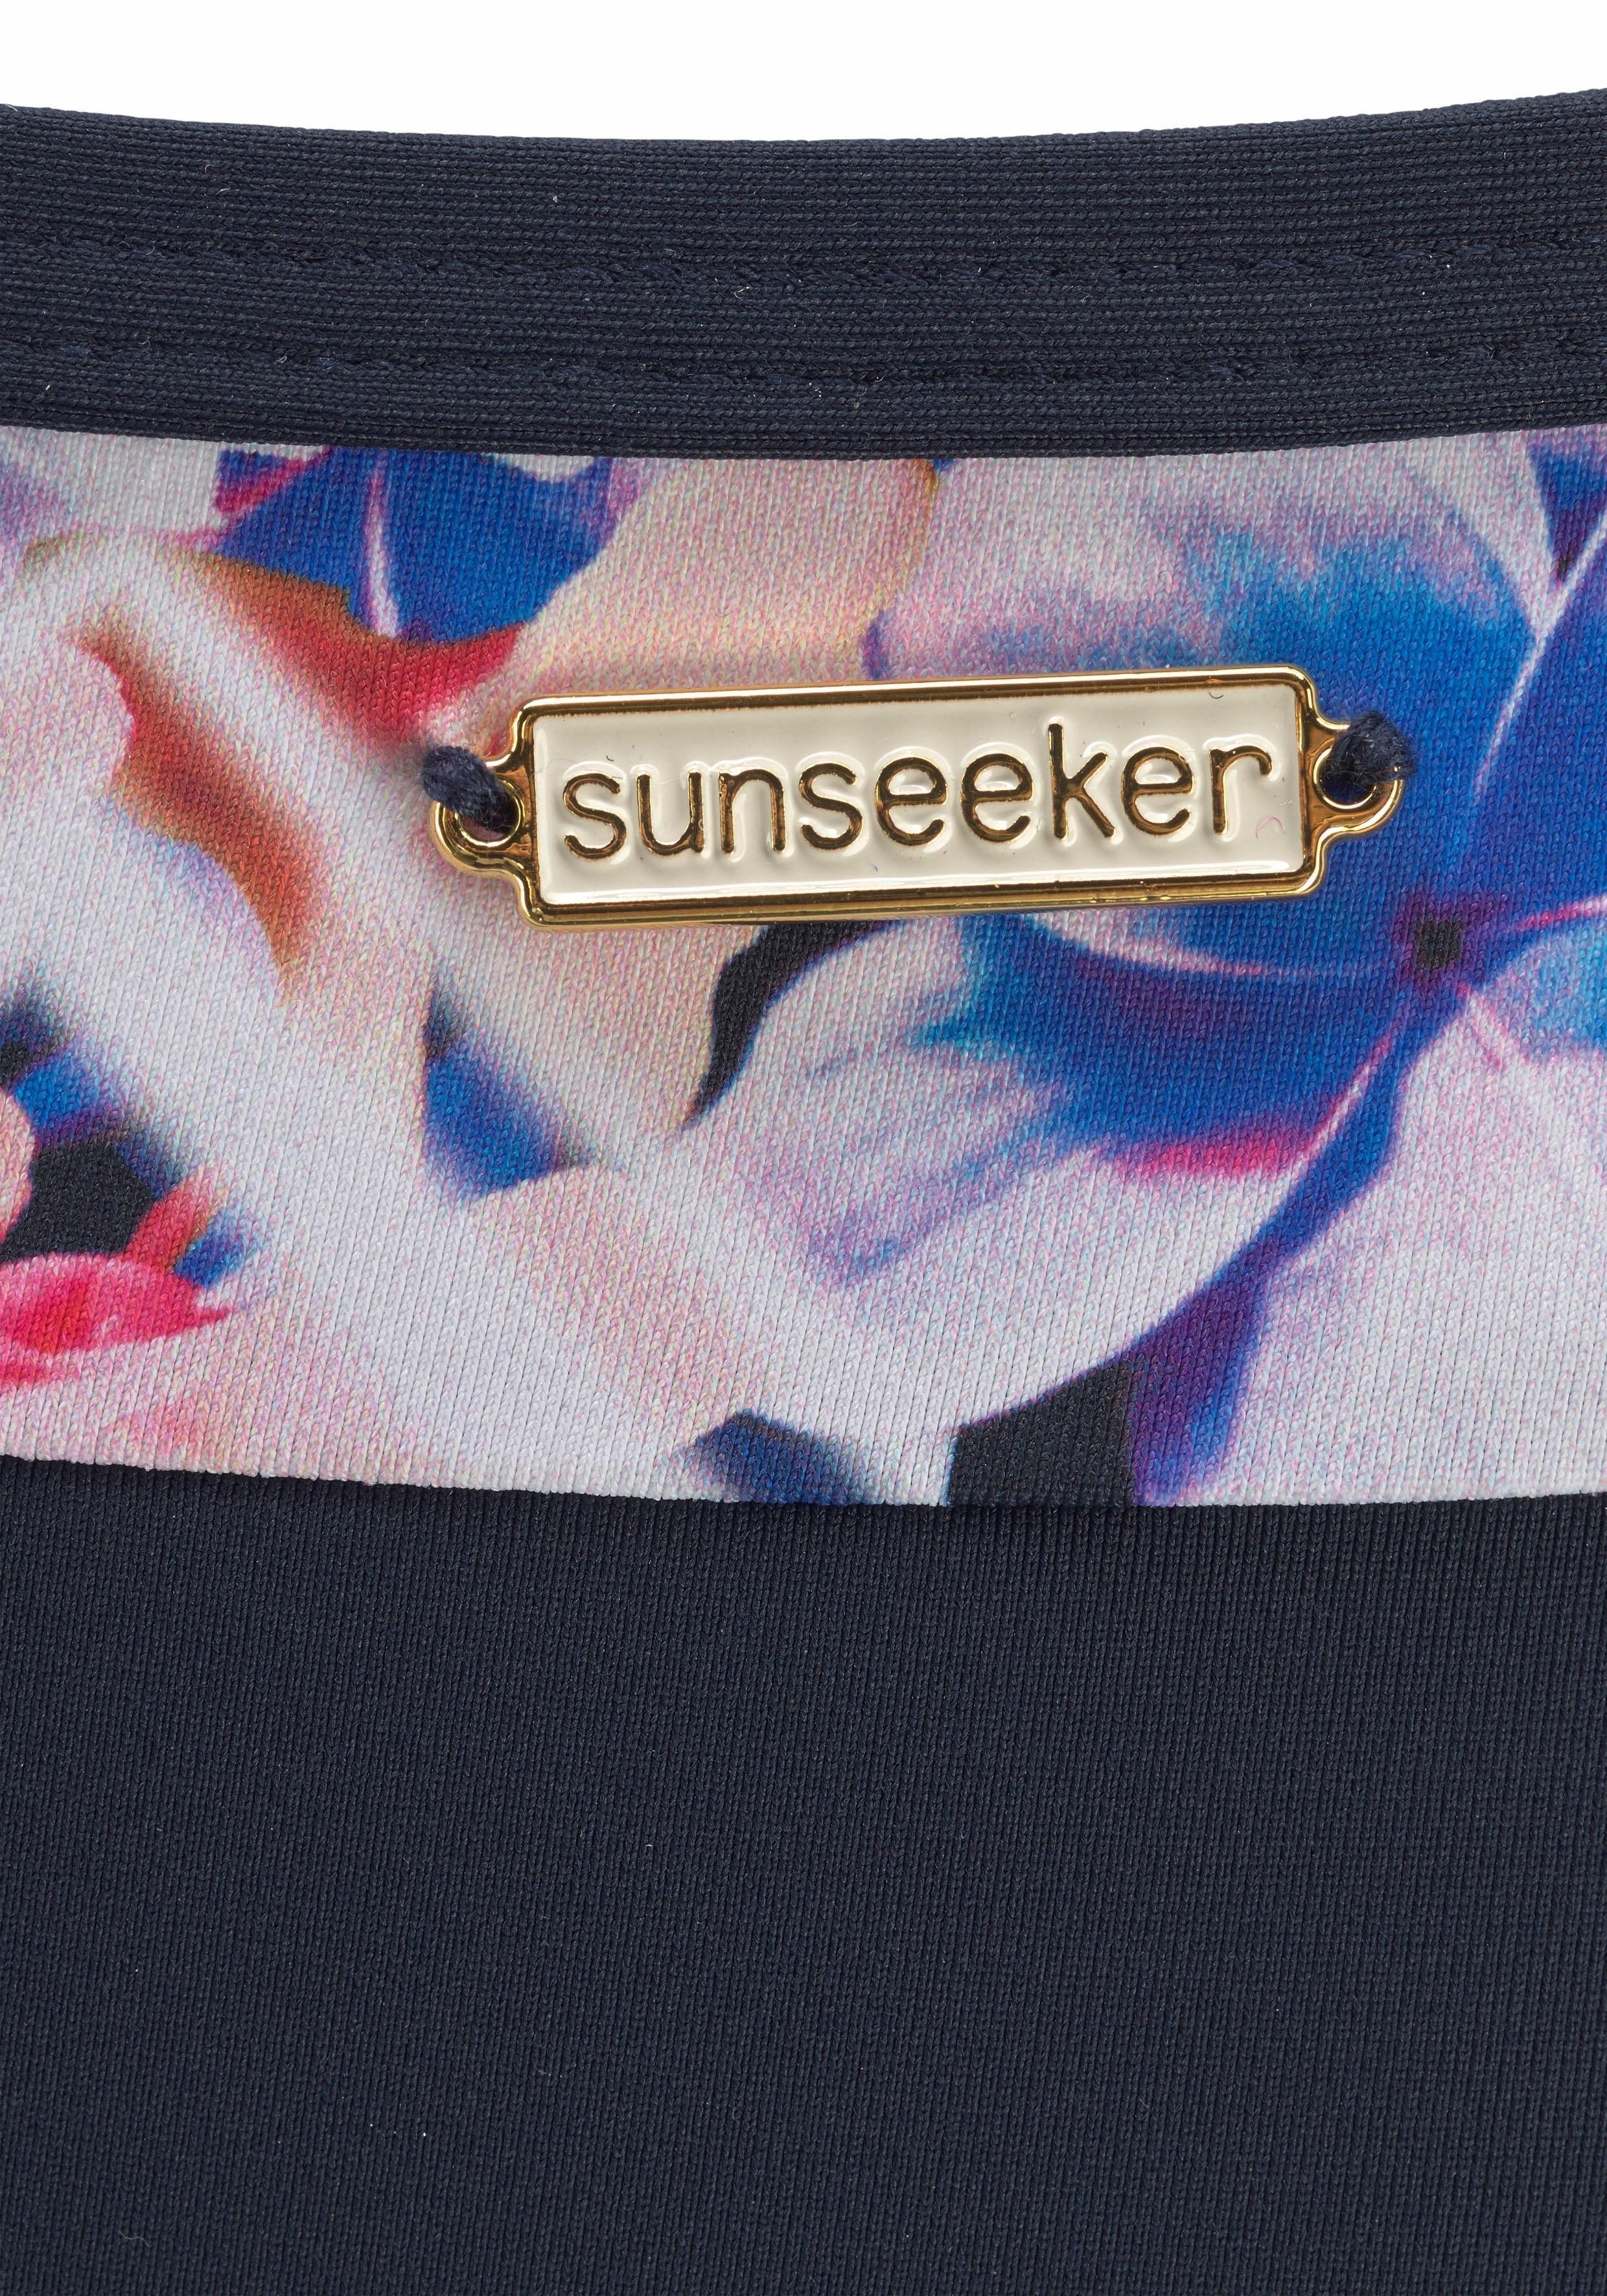 Bikinibroekjenany Online Bikinibroekjenany Verkrijgbaar Sunseeker Sunseeker Online Nwn08vm